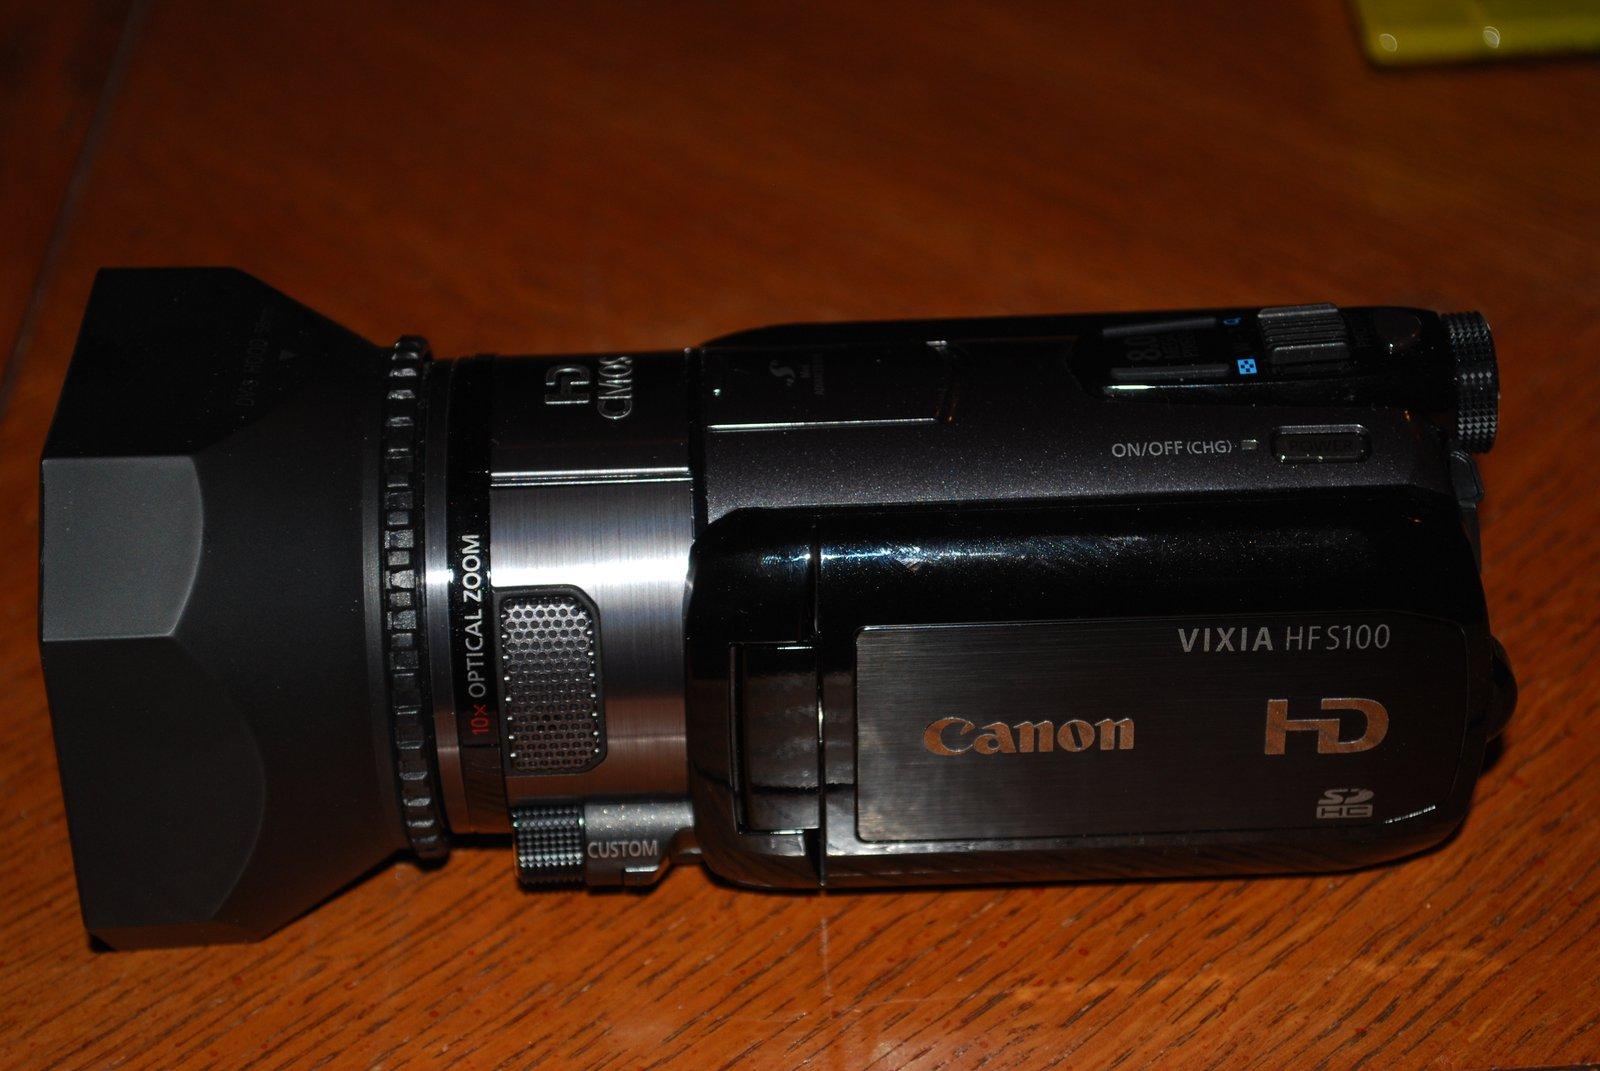 New camcorder woohoo